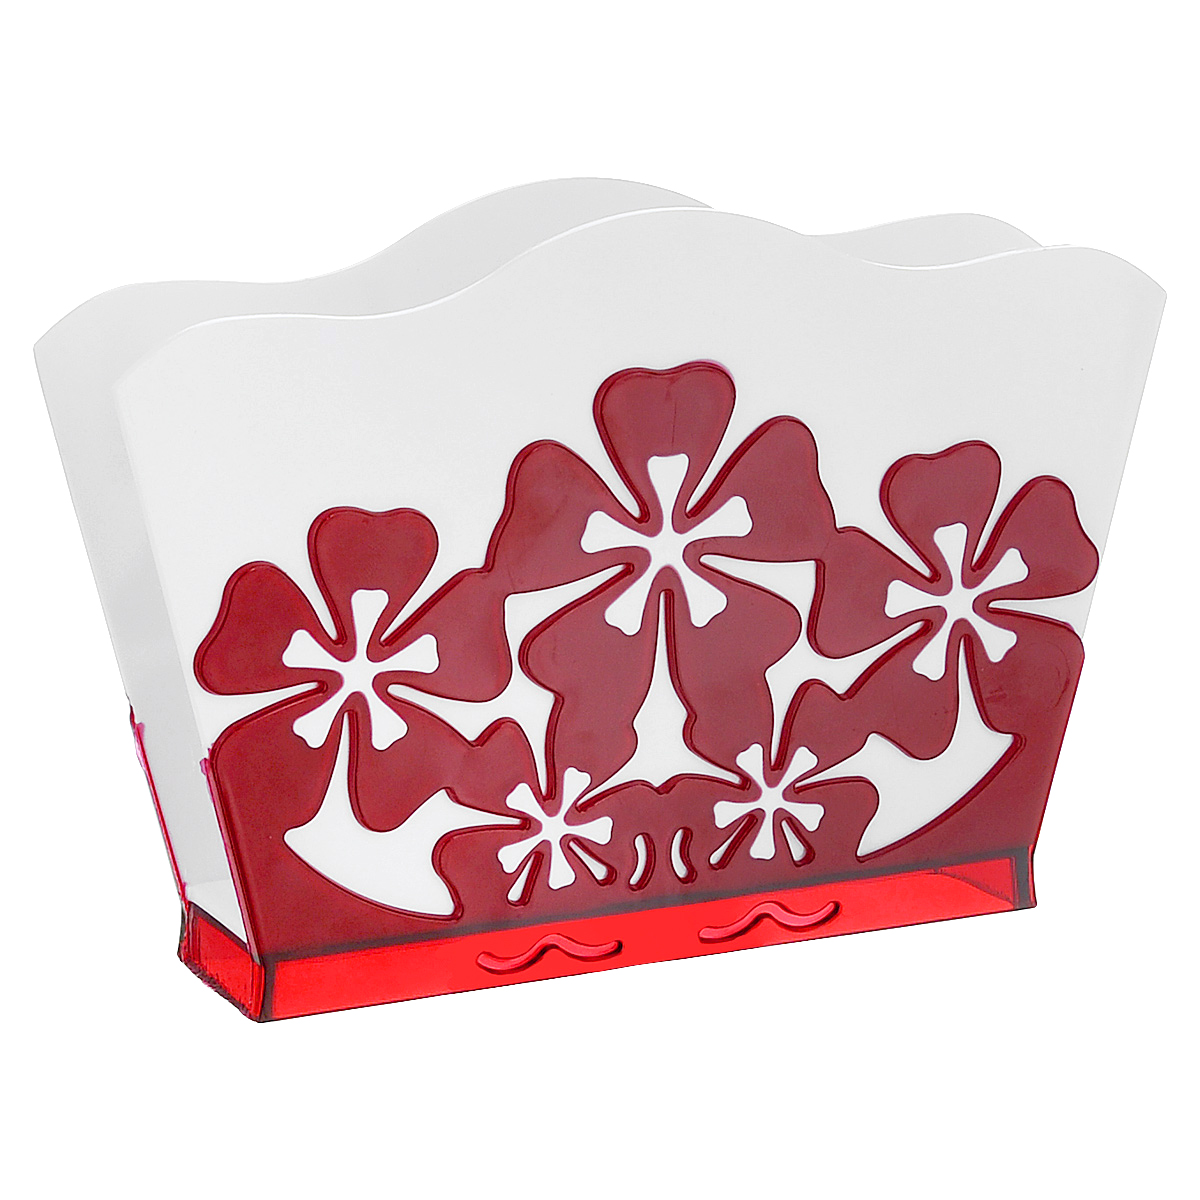 Салфетница Камелия, цвет: белый, красныйVT-1520(SR)Салфетница Камелия изготовлена из высококачественного прочного пластика и оформлена декоративными цветами. Яркий и оригинальный дизайн несомненно придется вам по вкусу. Такая салфетница великолепно украсит праздничный стол.